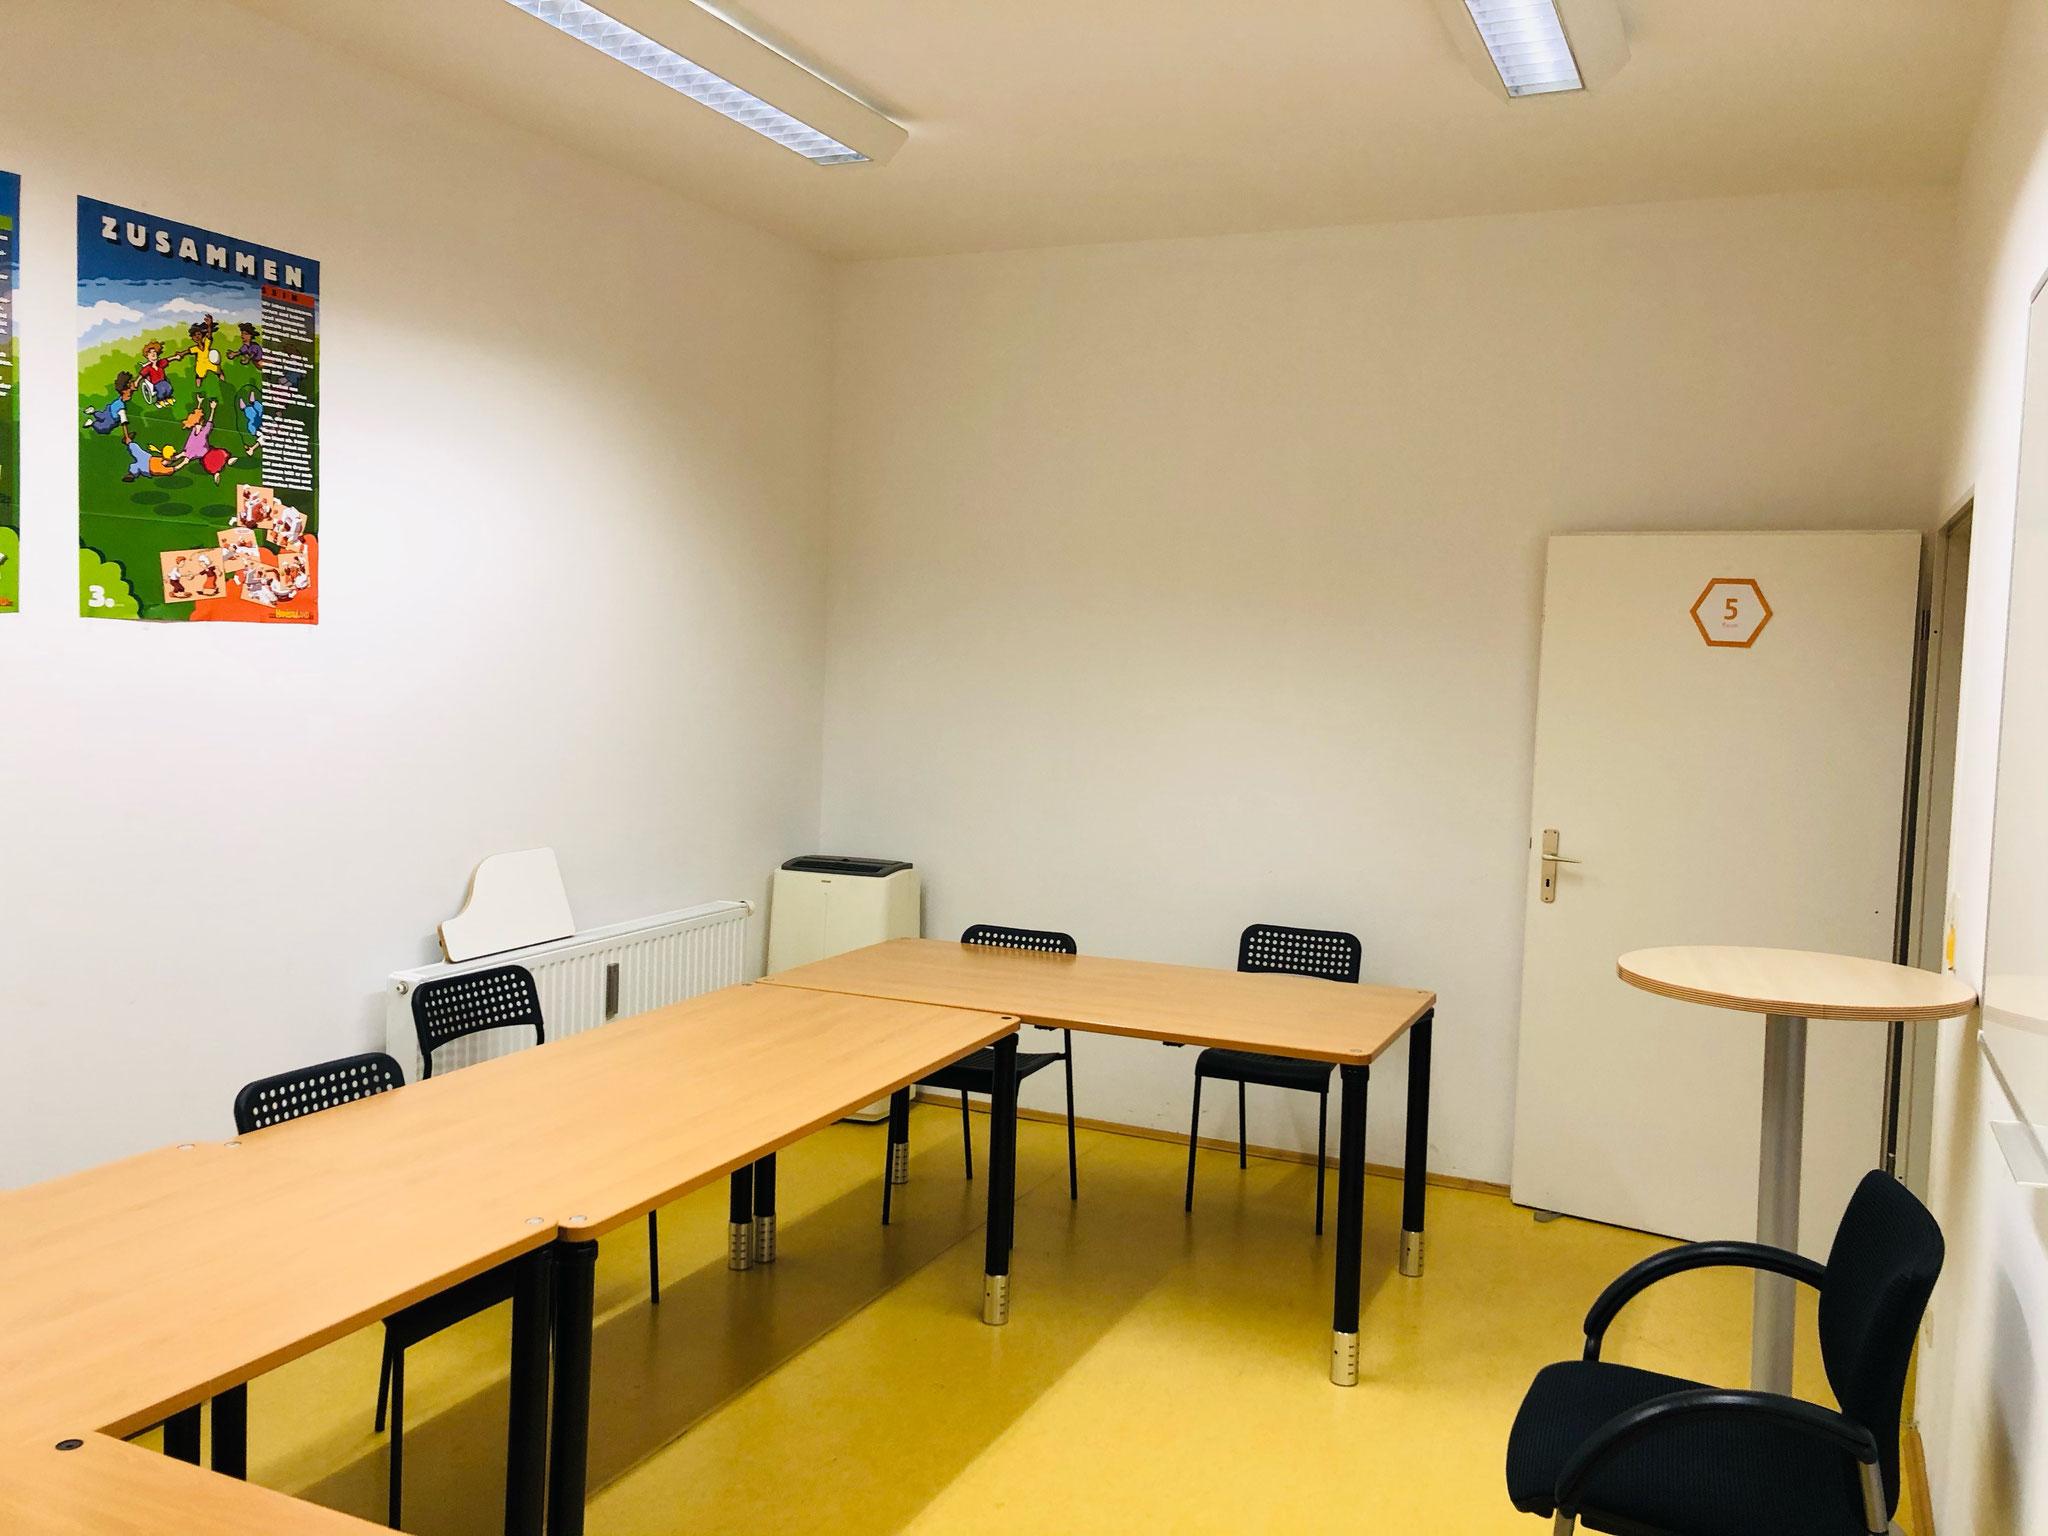 Raum 5, 11m², 5 Plätze, Internet, klimatisiert